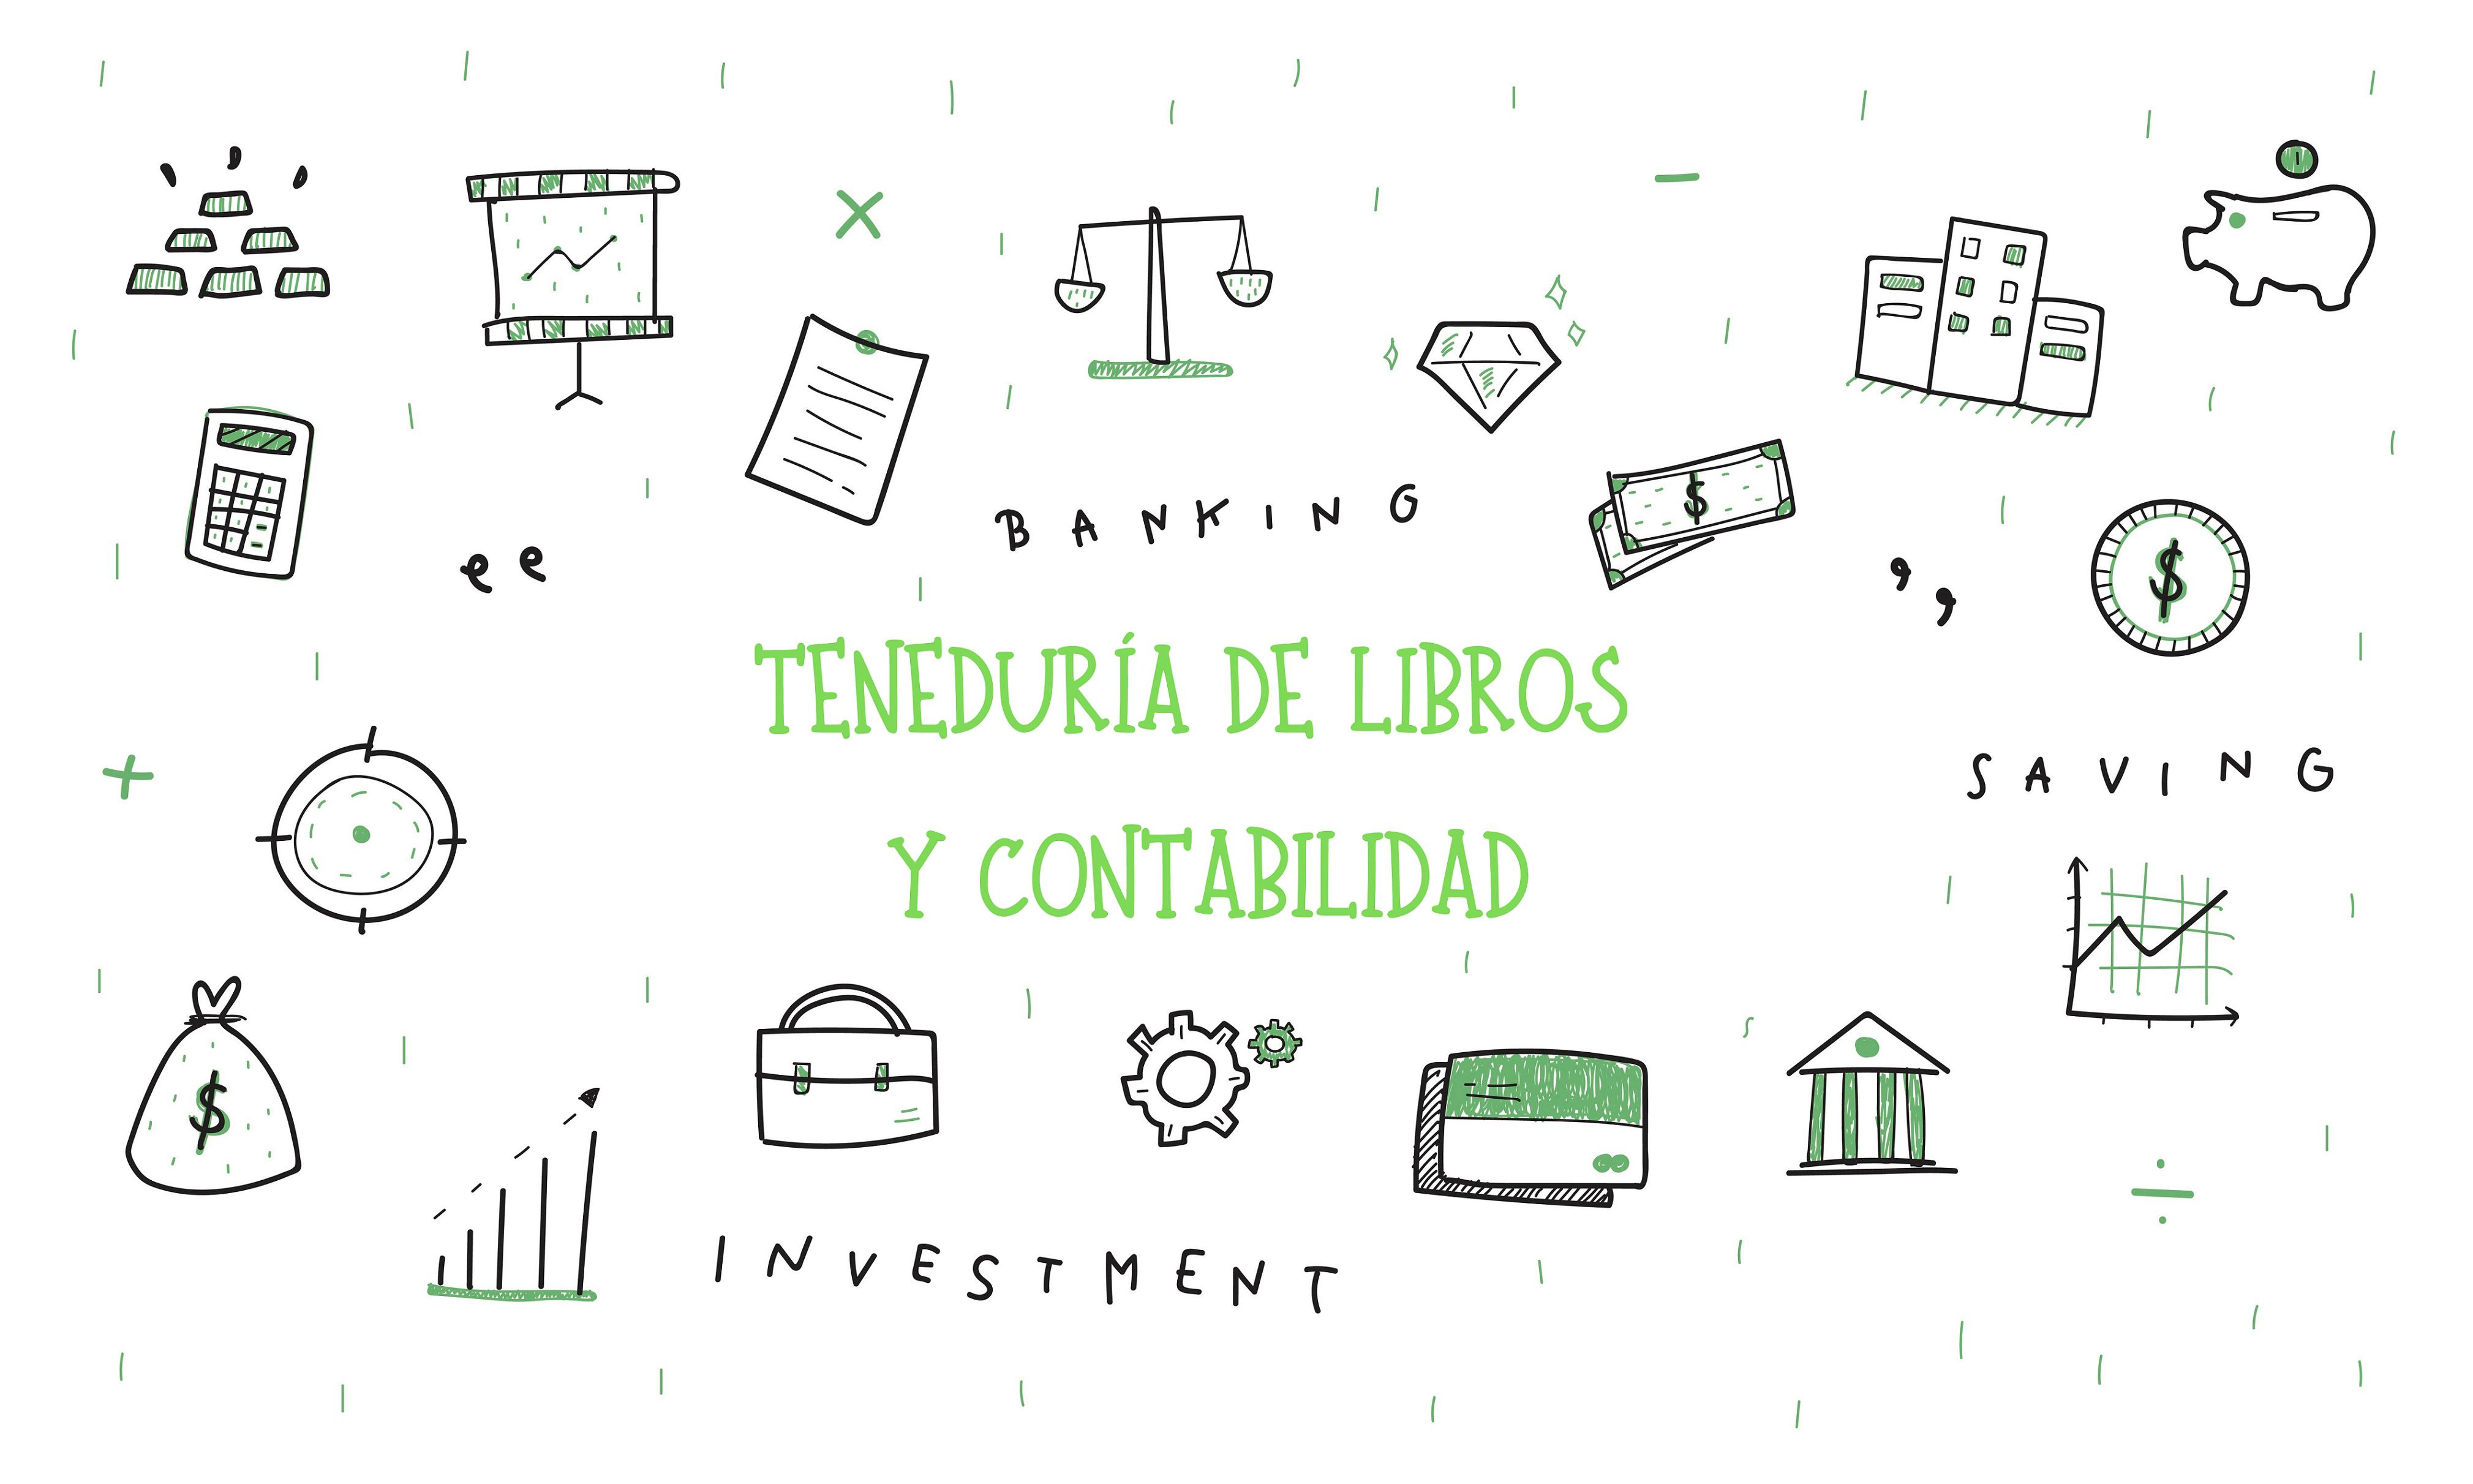 Ilustración de conceptos financieros. Concept: Teneduría de libros y contabilidad. Designed by rawpixel.com / Freepik